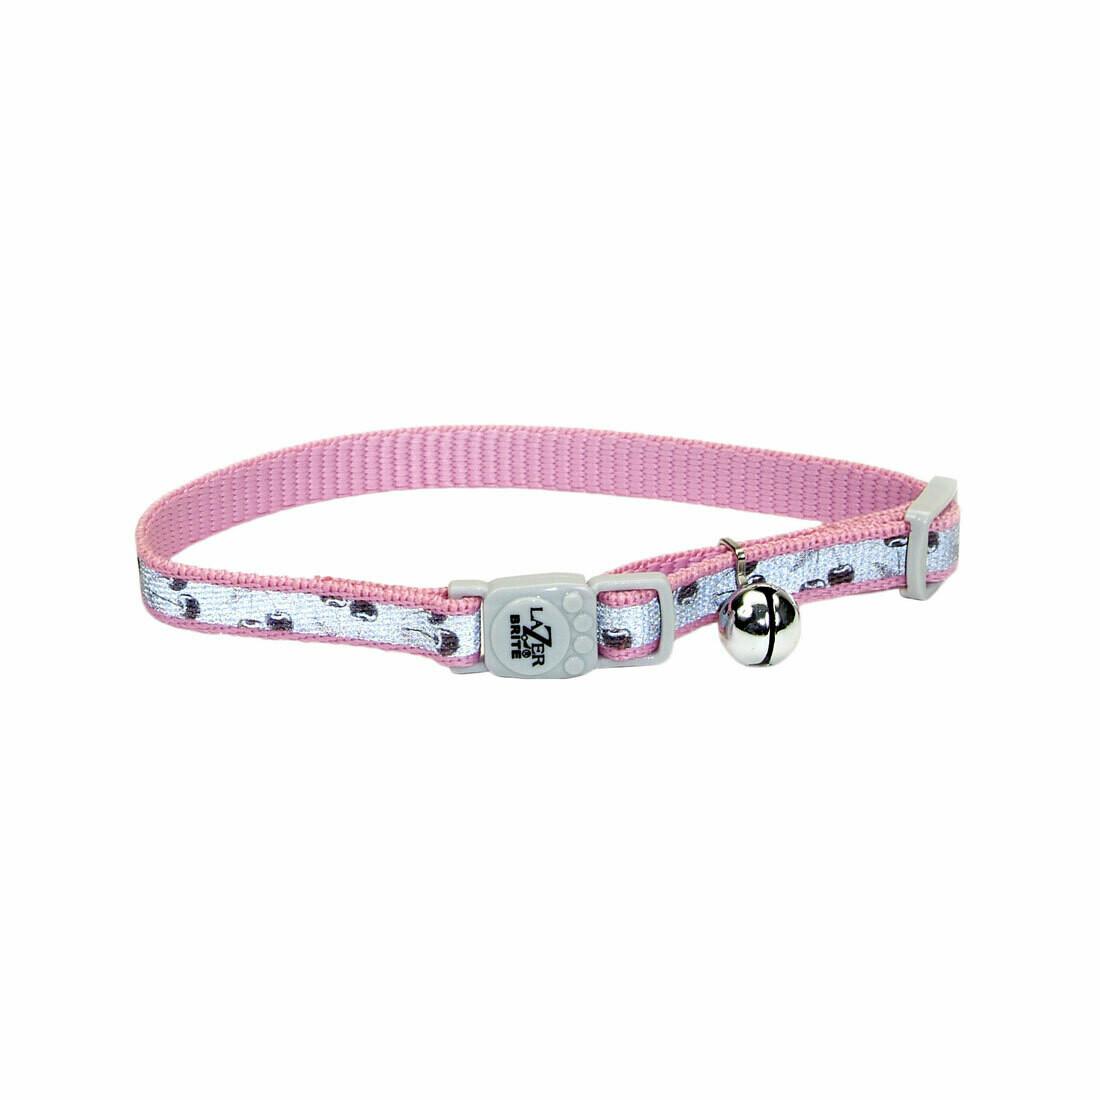 Lazer Brite Cat Collar - Pink Cherries